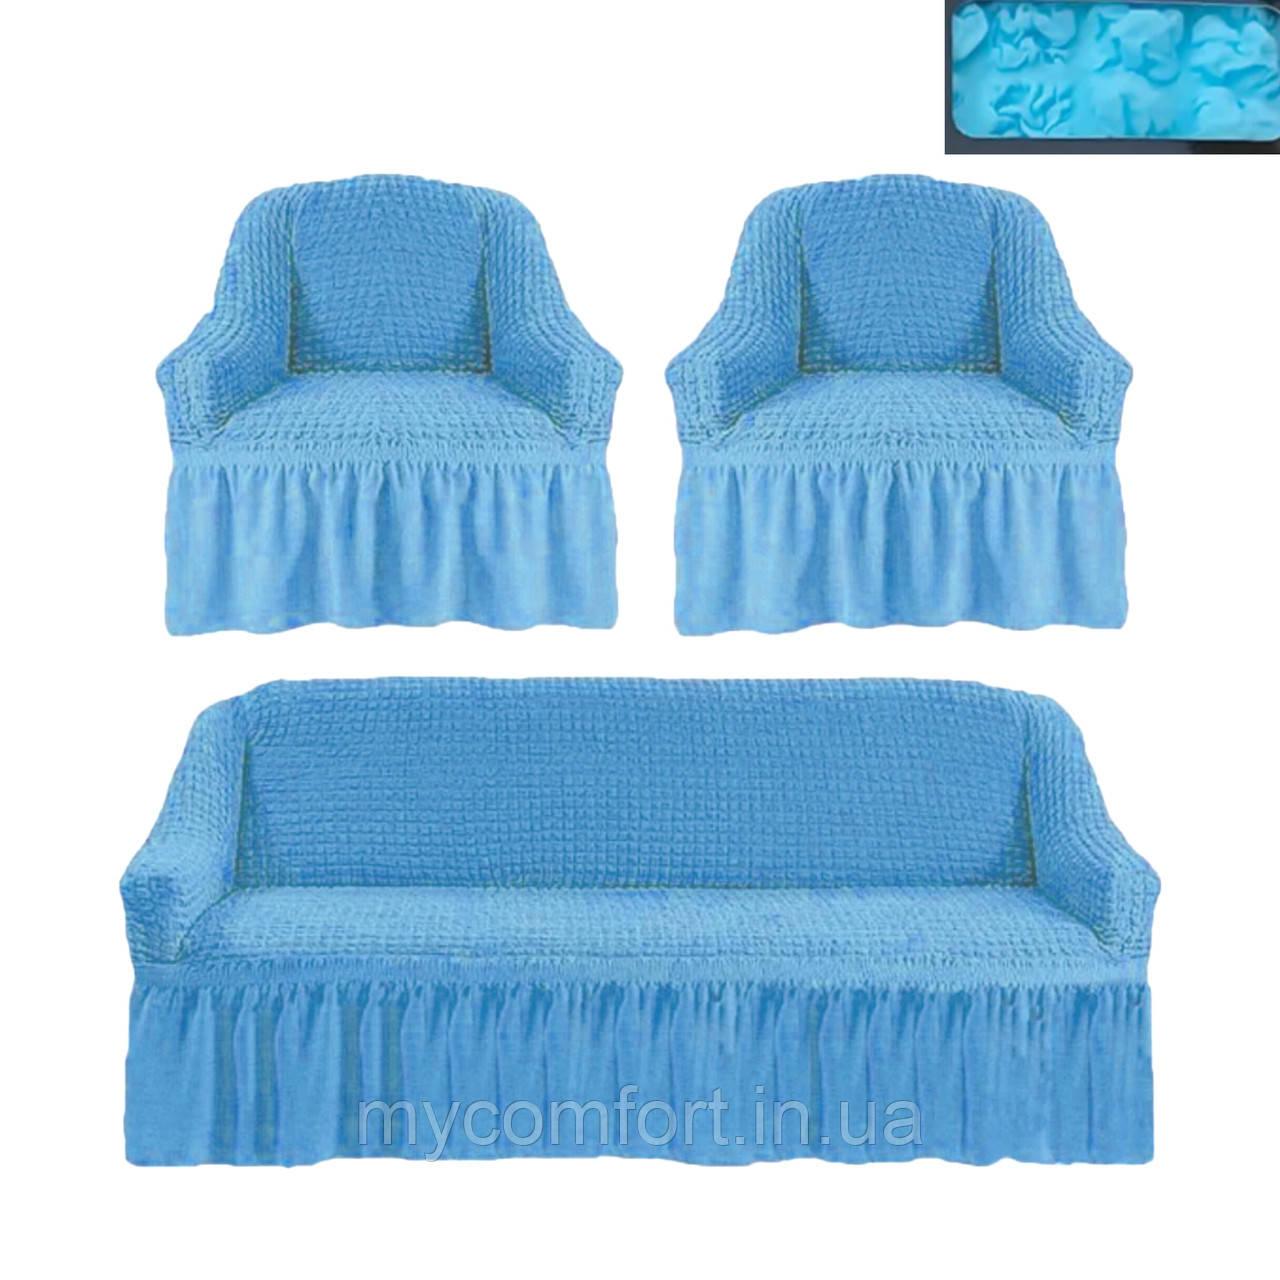 Чехол на диван и два кресла. Голубой